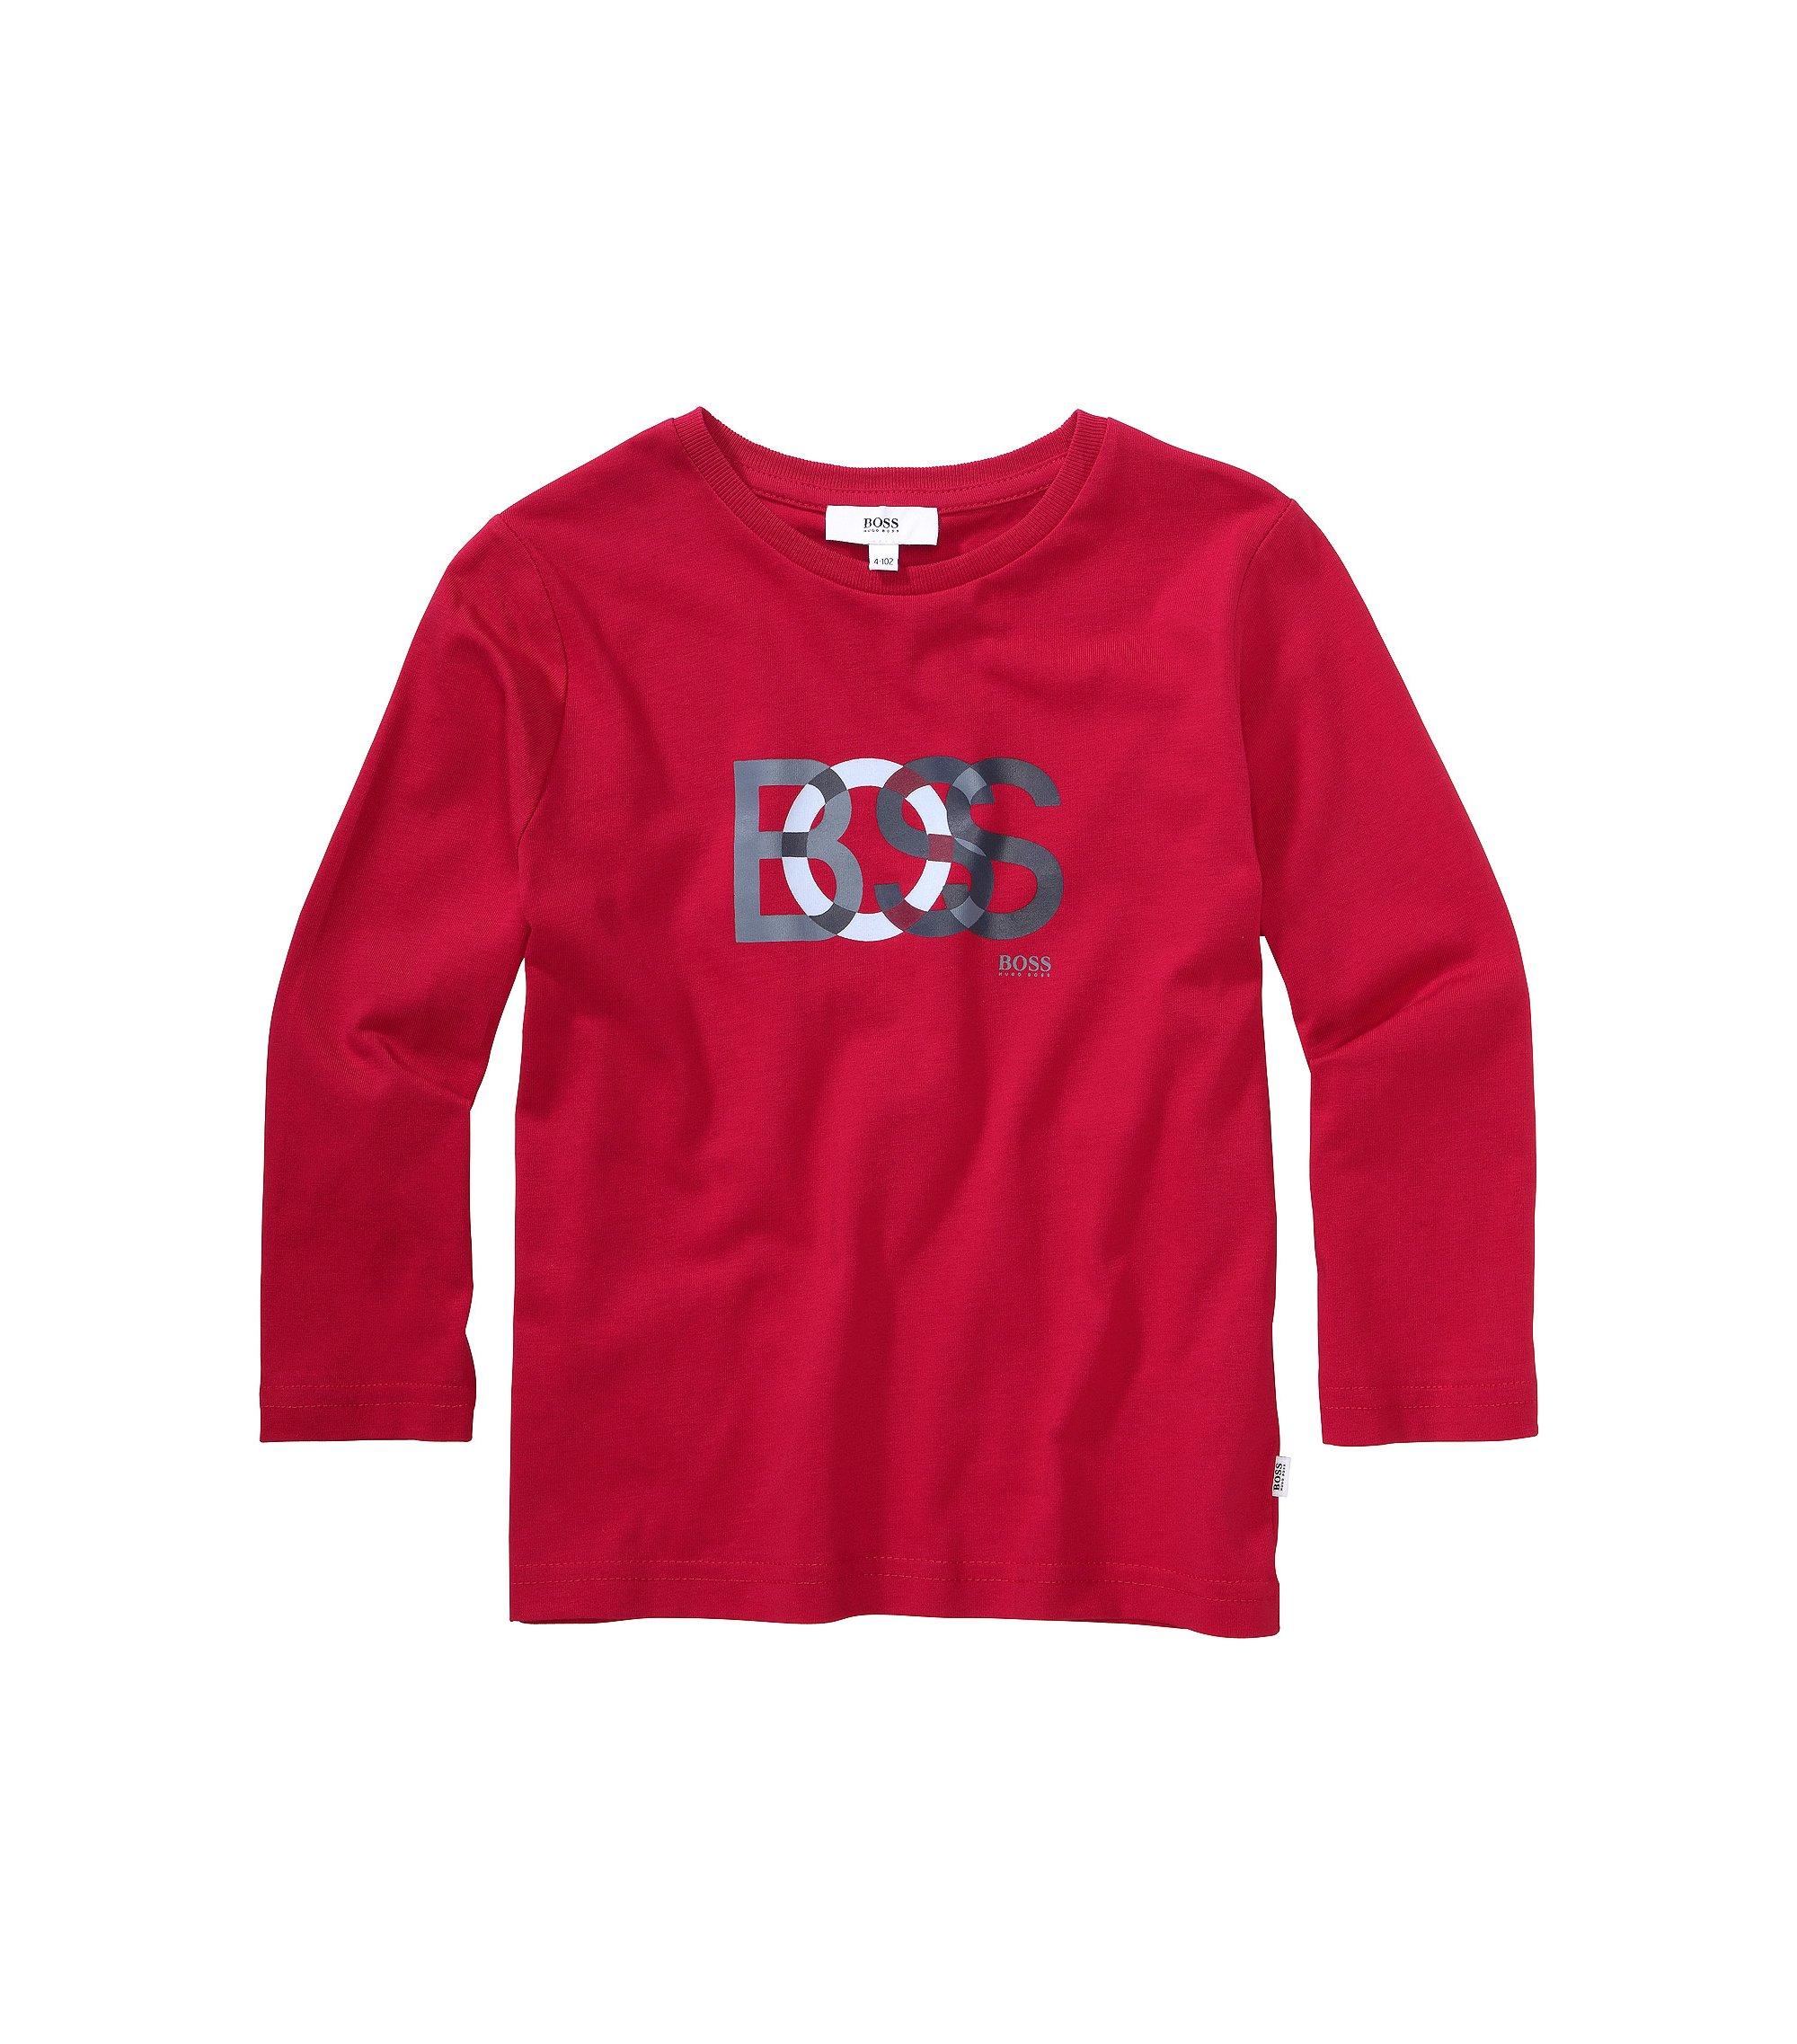 T-shirt à manches longues pour enfant «J25708» en coton, Rouge